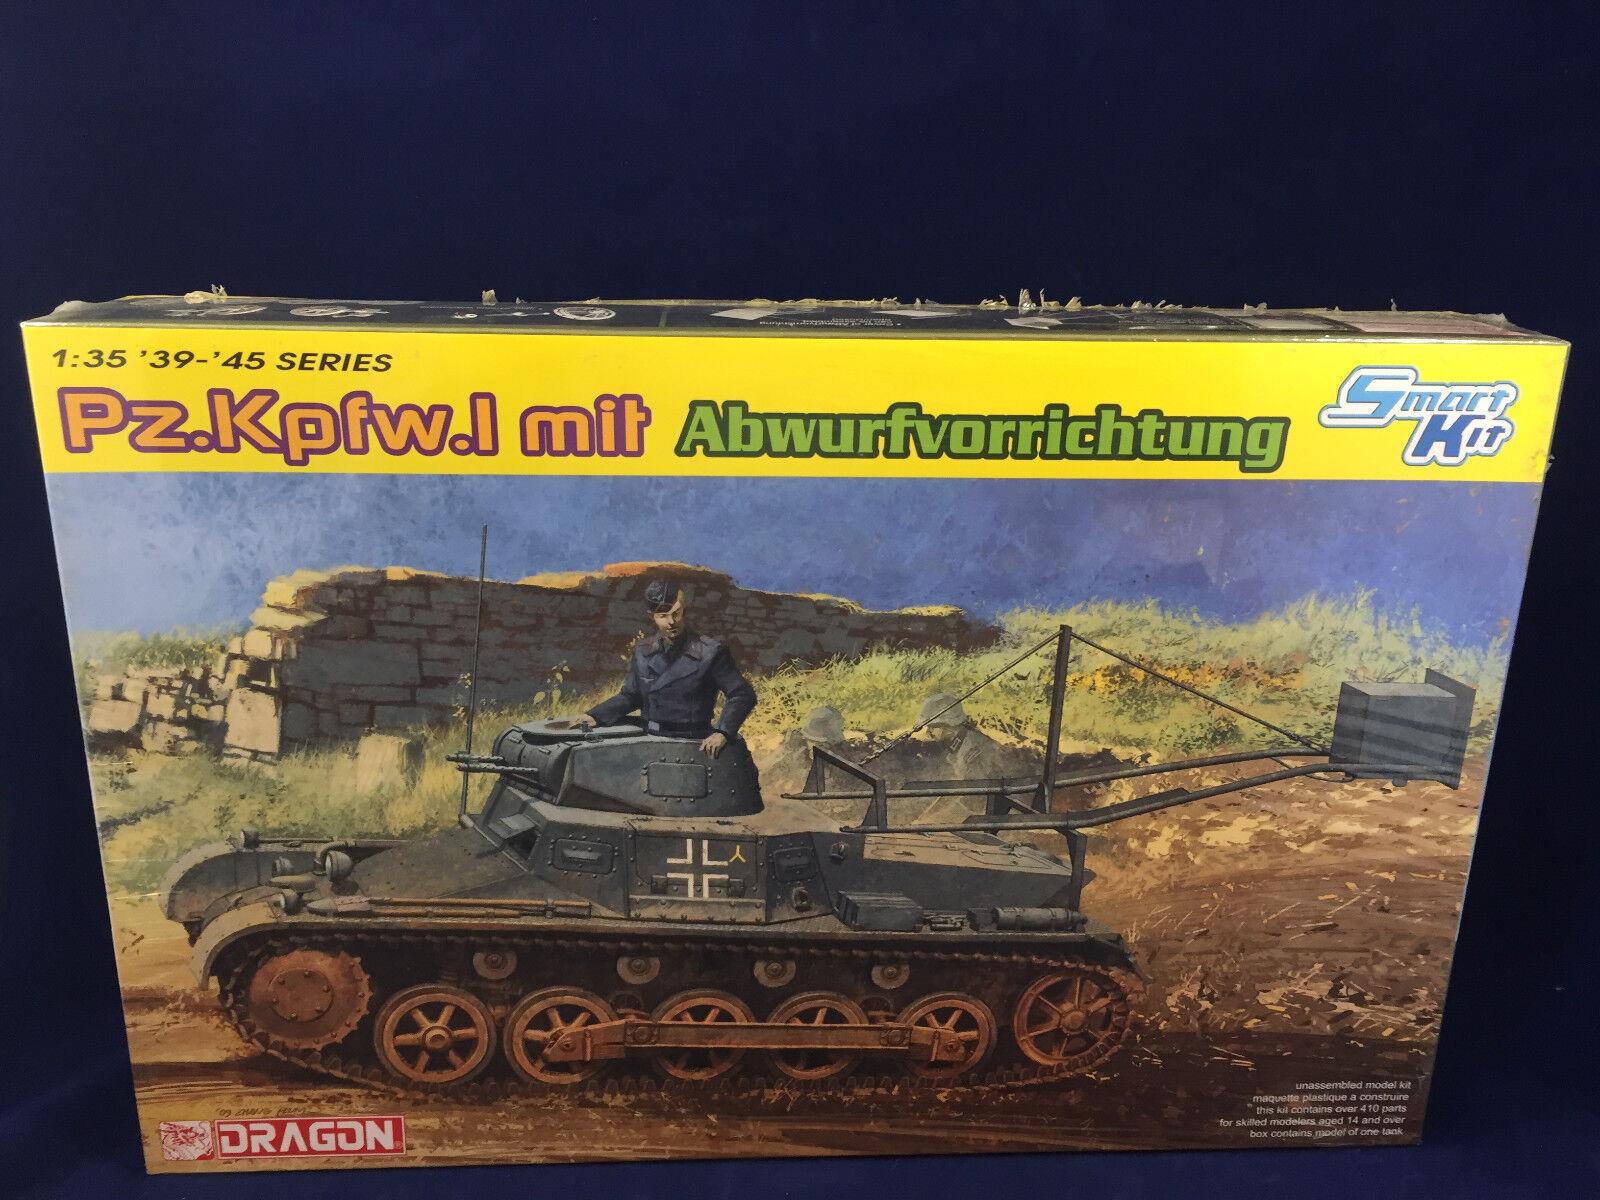 Dragon Pz.Kpfw.I mit Abwurfvorrichtung 1 35 Scale Plastic Model Kit 6480 NIB